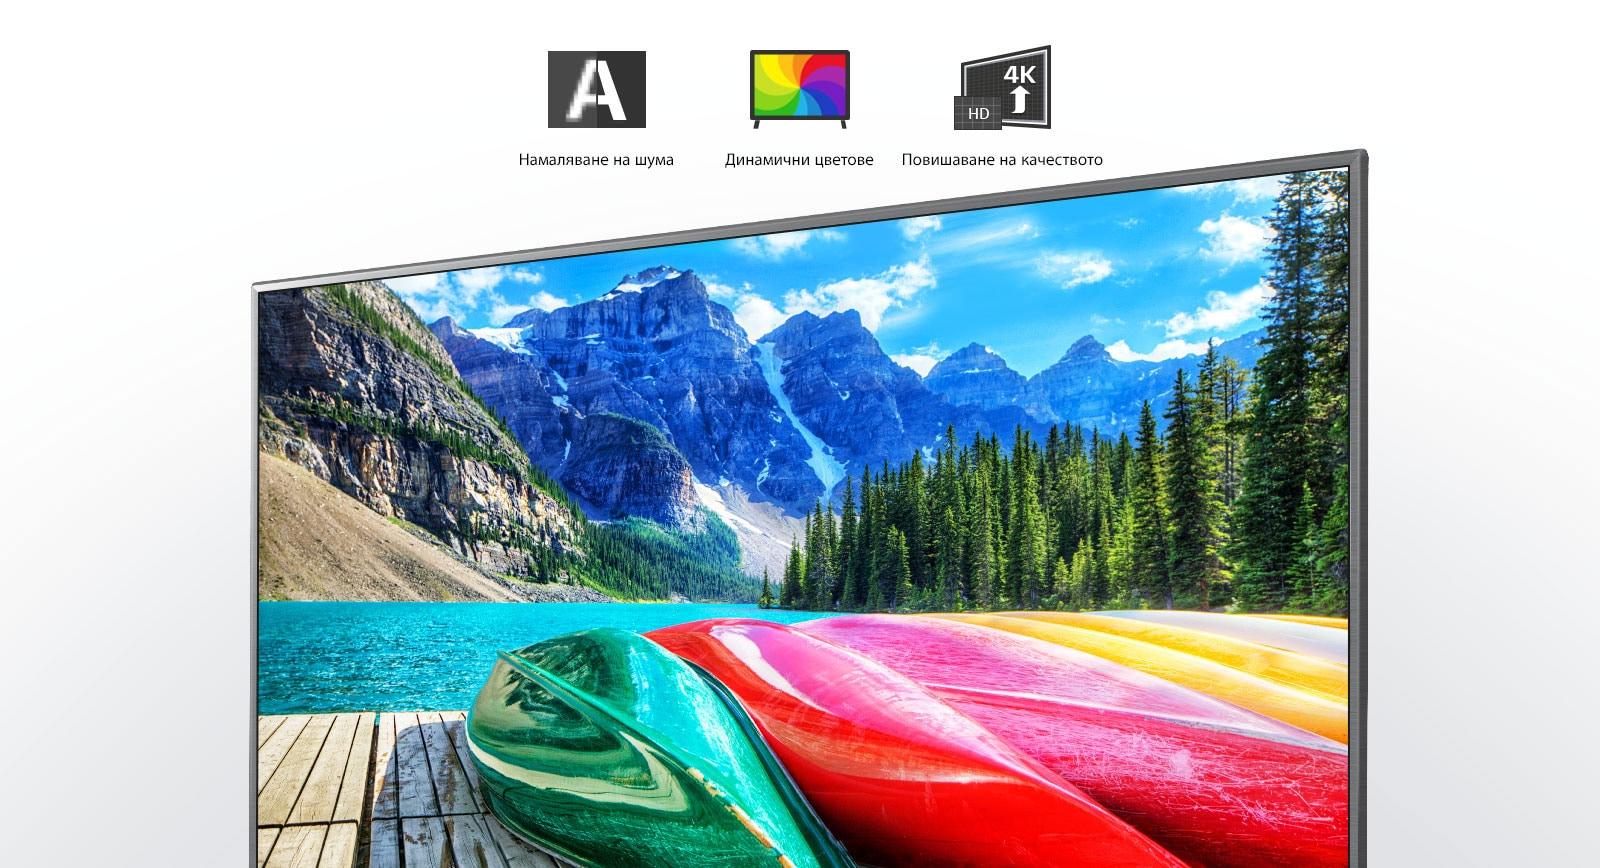 Икони за намаляване на шума, динамични цветове и повишаване на качеството, както и телевизионен екран, показващ живописна снимка на планини, гора и езеро.